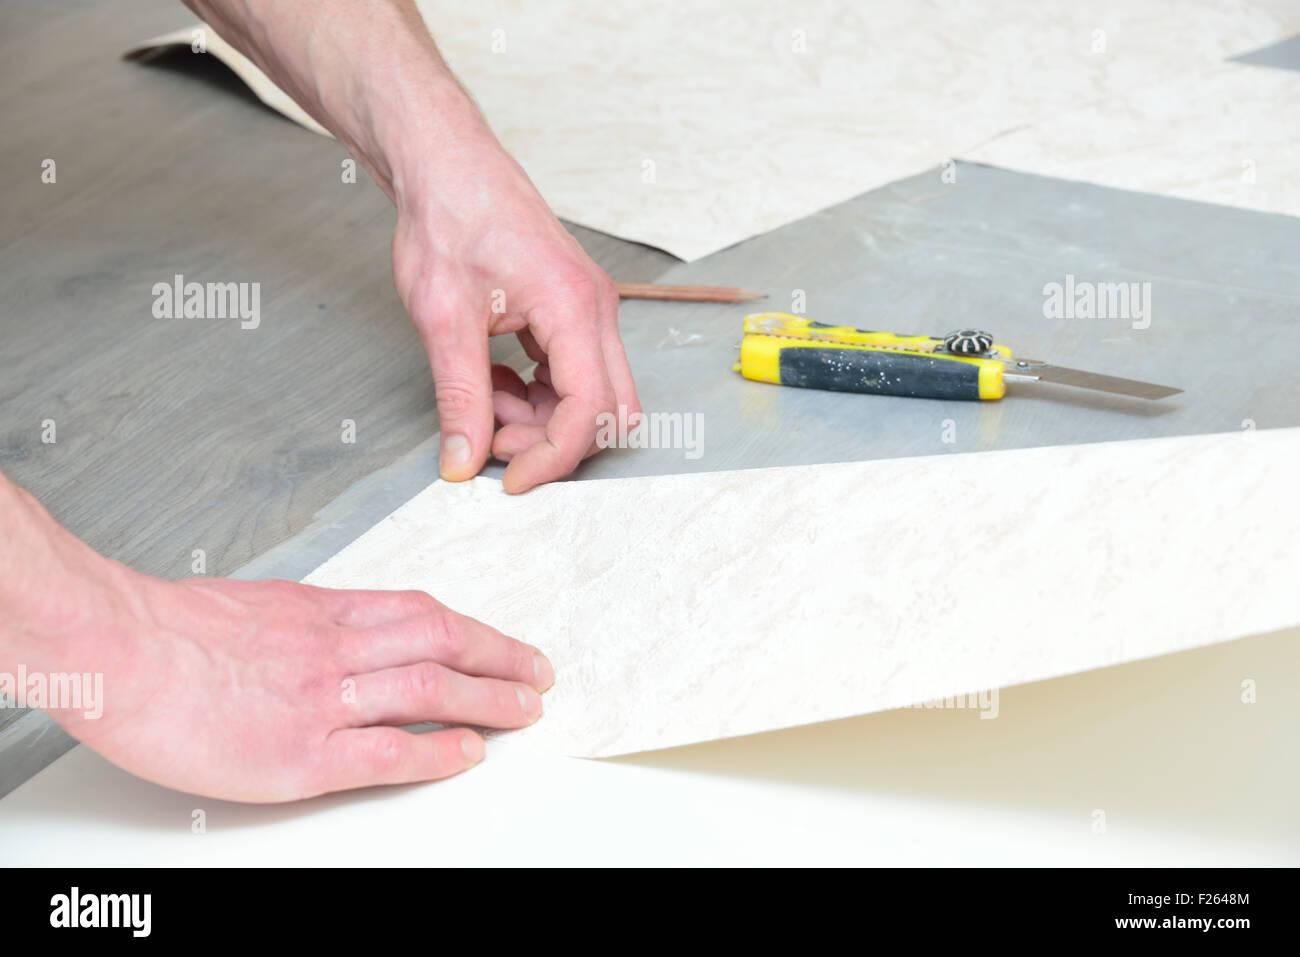 vorbereitung zum schneiden und kleben tapeten (messung und